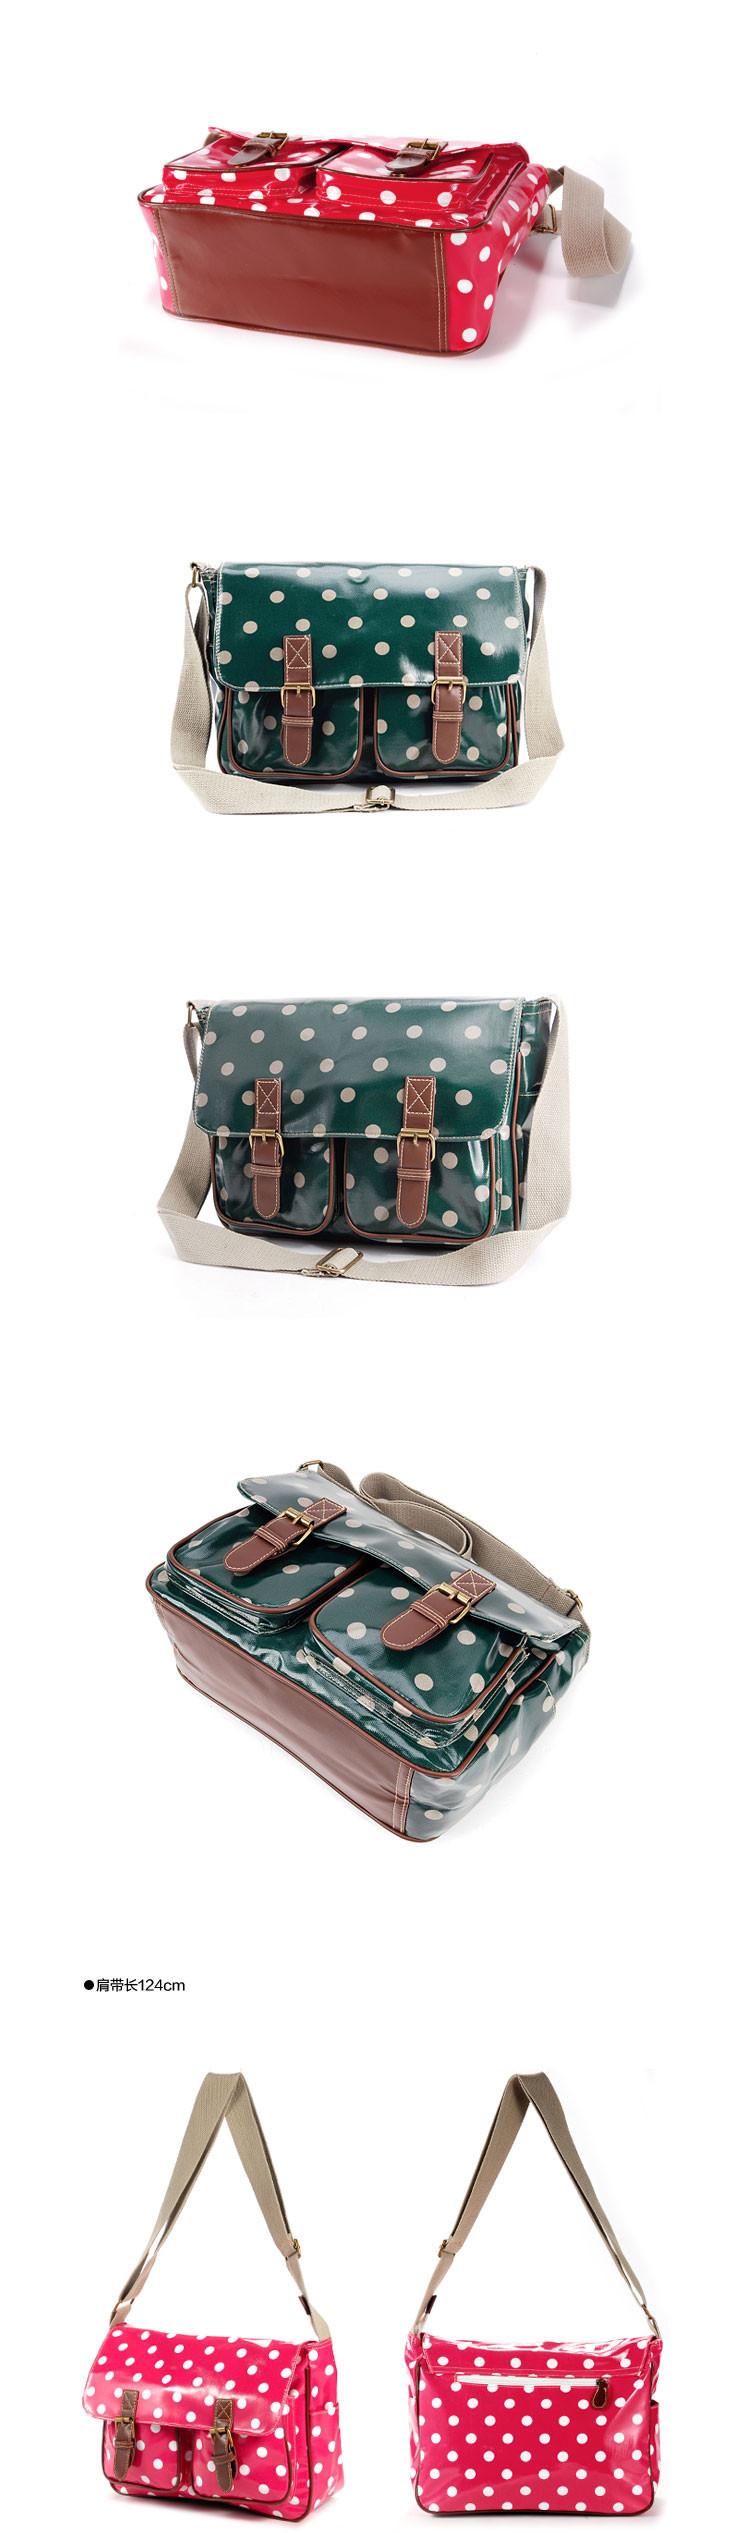 Маленькая сумочка Anladia Messenger BG071/BG073/BG186/BG430